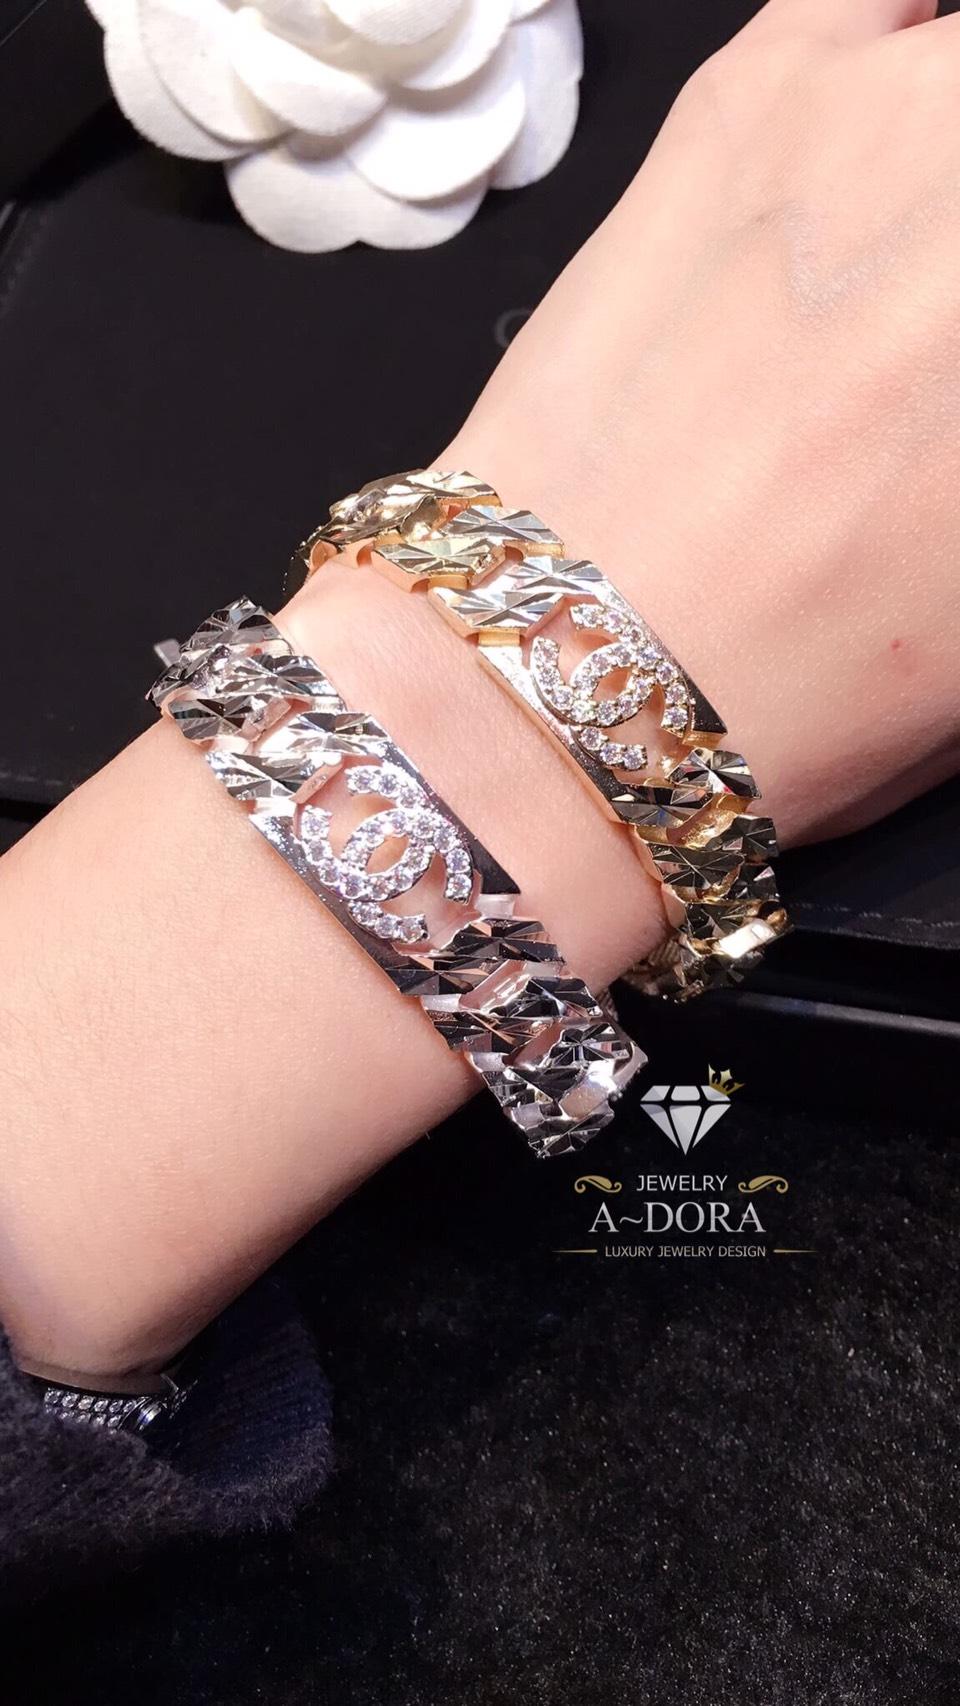 พร้อมส่ง ~ สร้อยข้อมือ Chanel งานสวยงานเพชรเกรด Jewelry